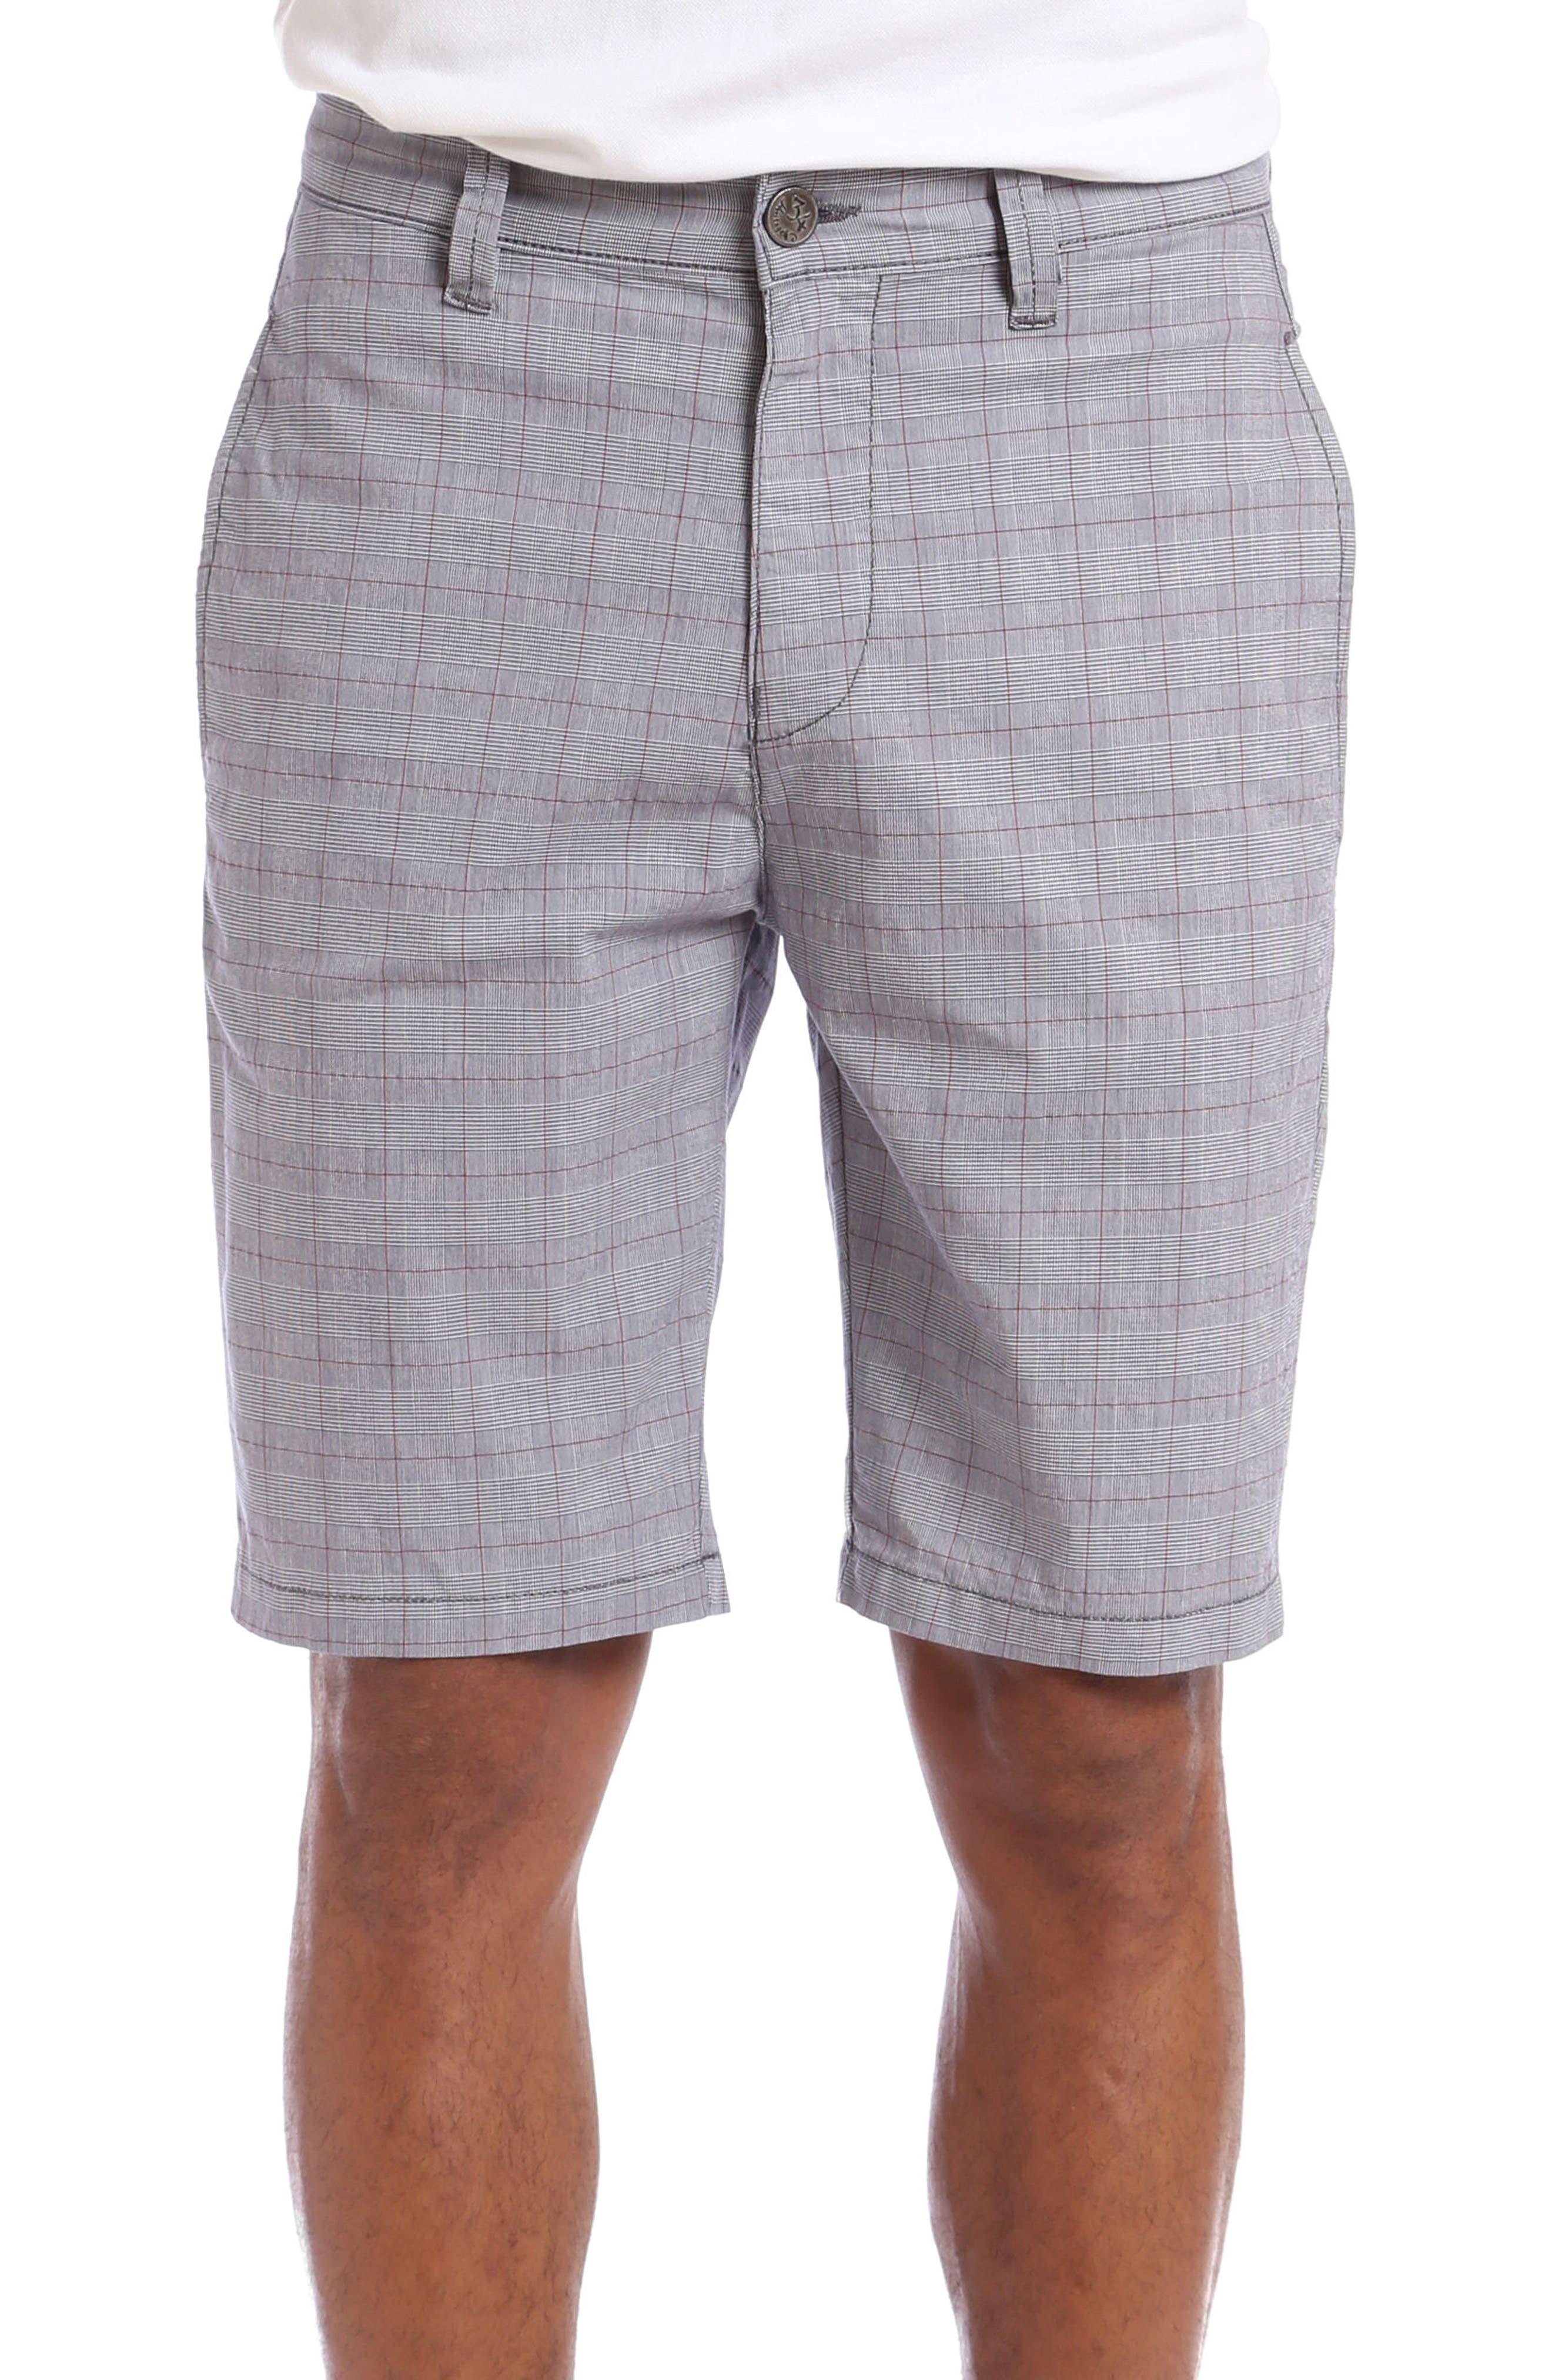 Nevada Twill Shorts,                             Main thumbnail 1, color,                             GREY PLAID